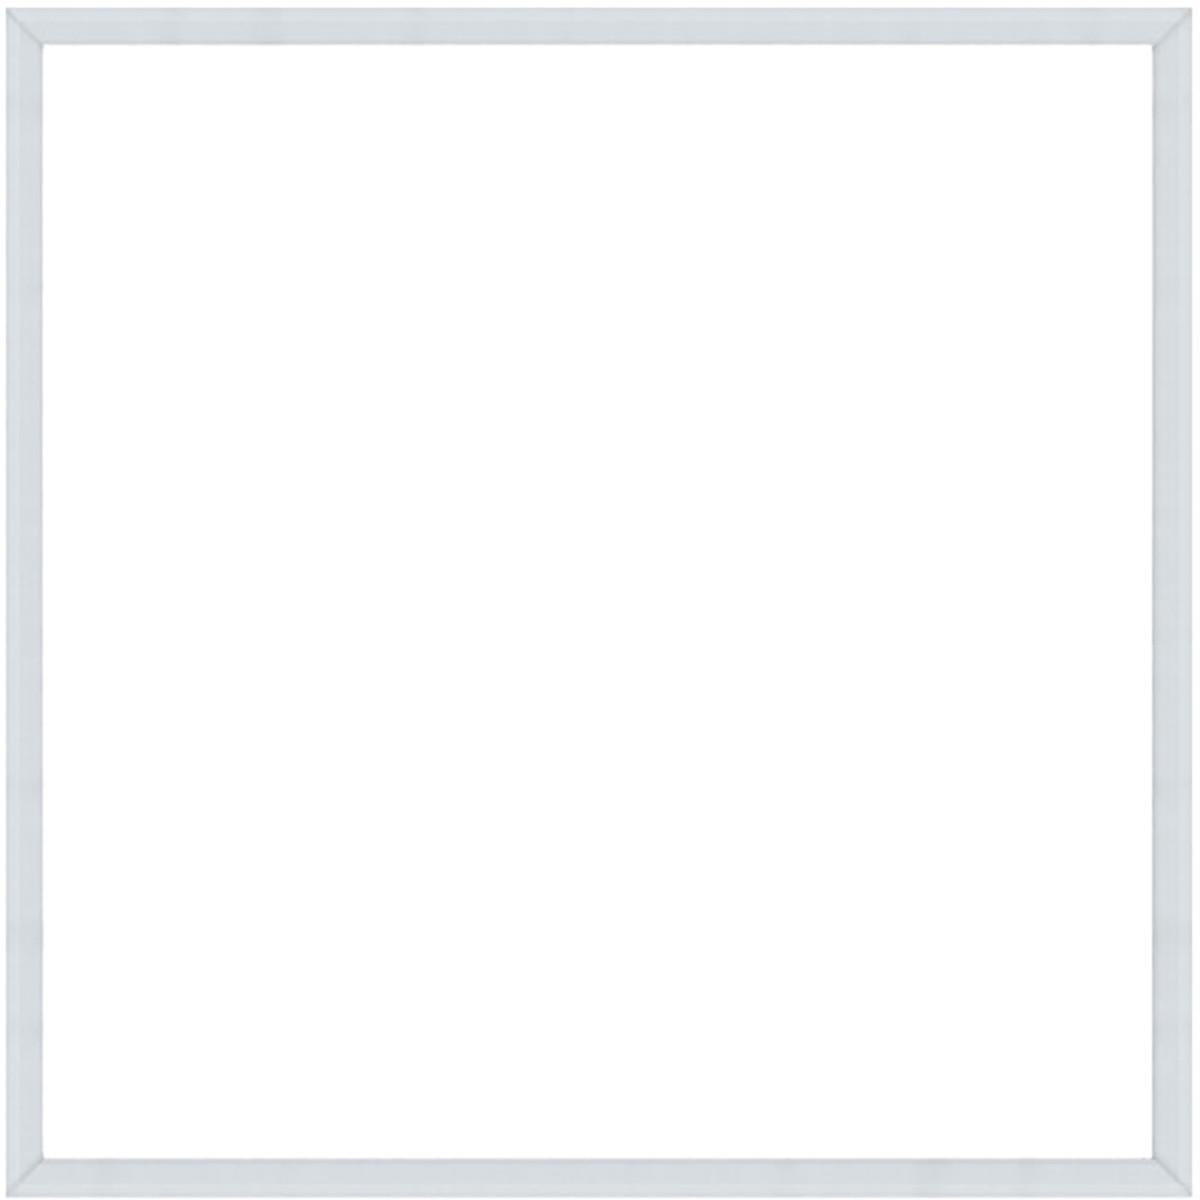 LED Paneel - Hotty - 60x60 Helder/Koud Wit 6400K - 40W Inbouw Vierkant - Mat Wit - Flikkervrij